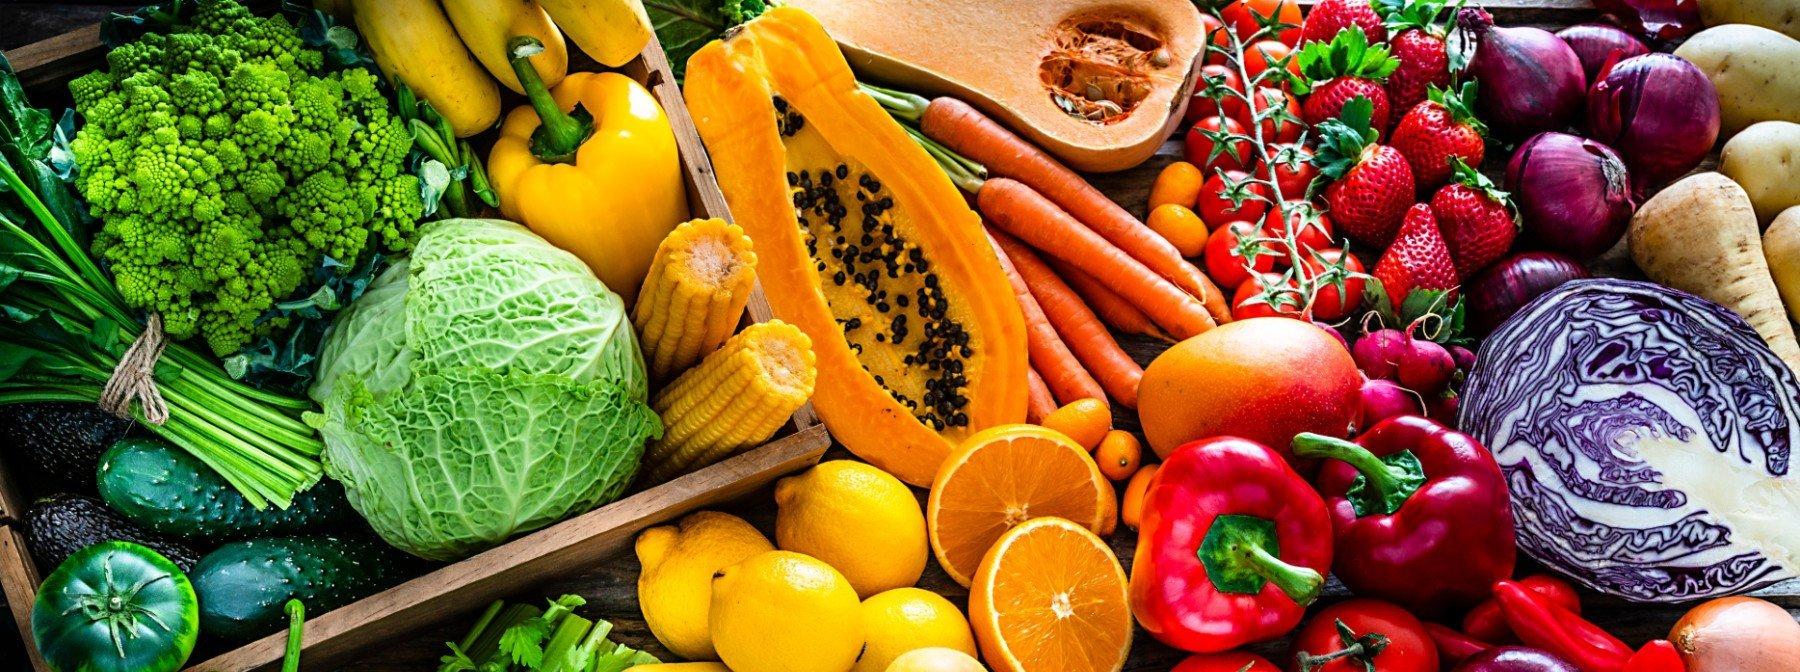 Wie du es schaffst, mehr Früchte & Gemüse zu essen